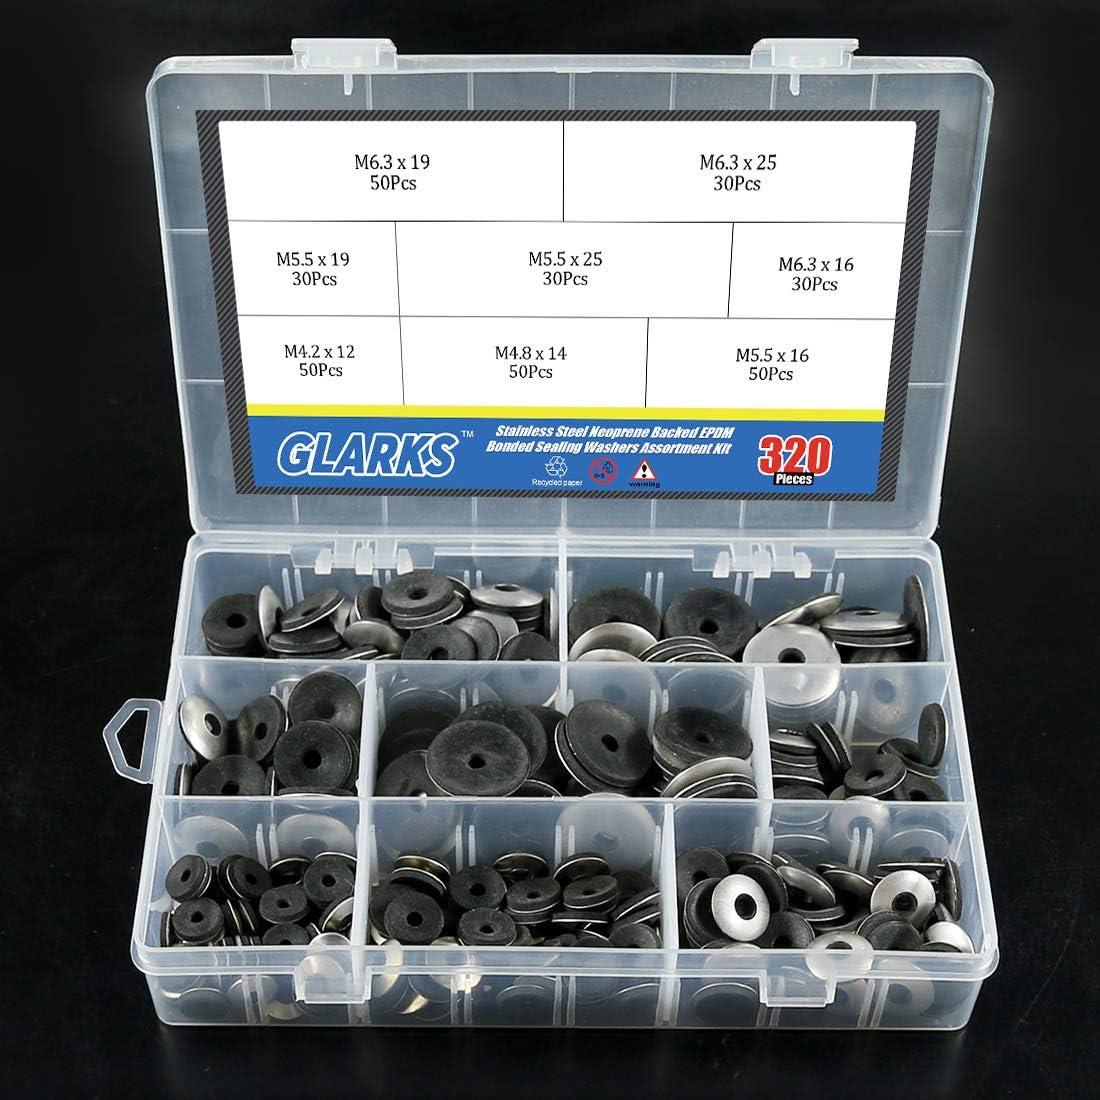 glarks 320pcs Edelstahl Neopren R/ückseite EPDM Bonded Dichtscheiben Sortiment Kit Arbeit f/ür # 4//# 5//# 6/Schrauben